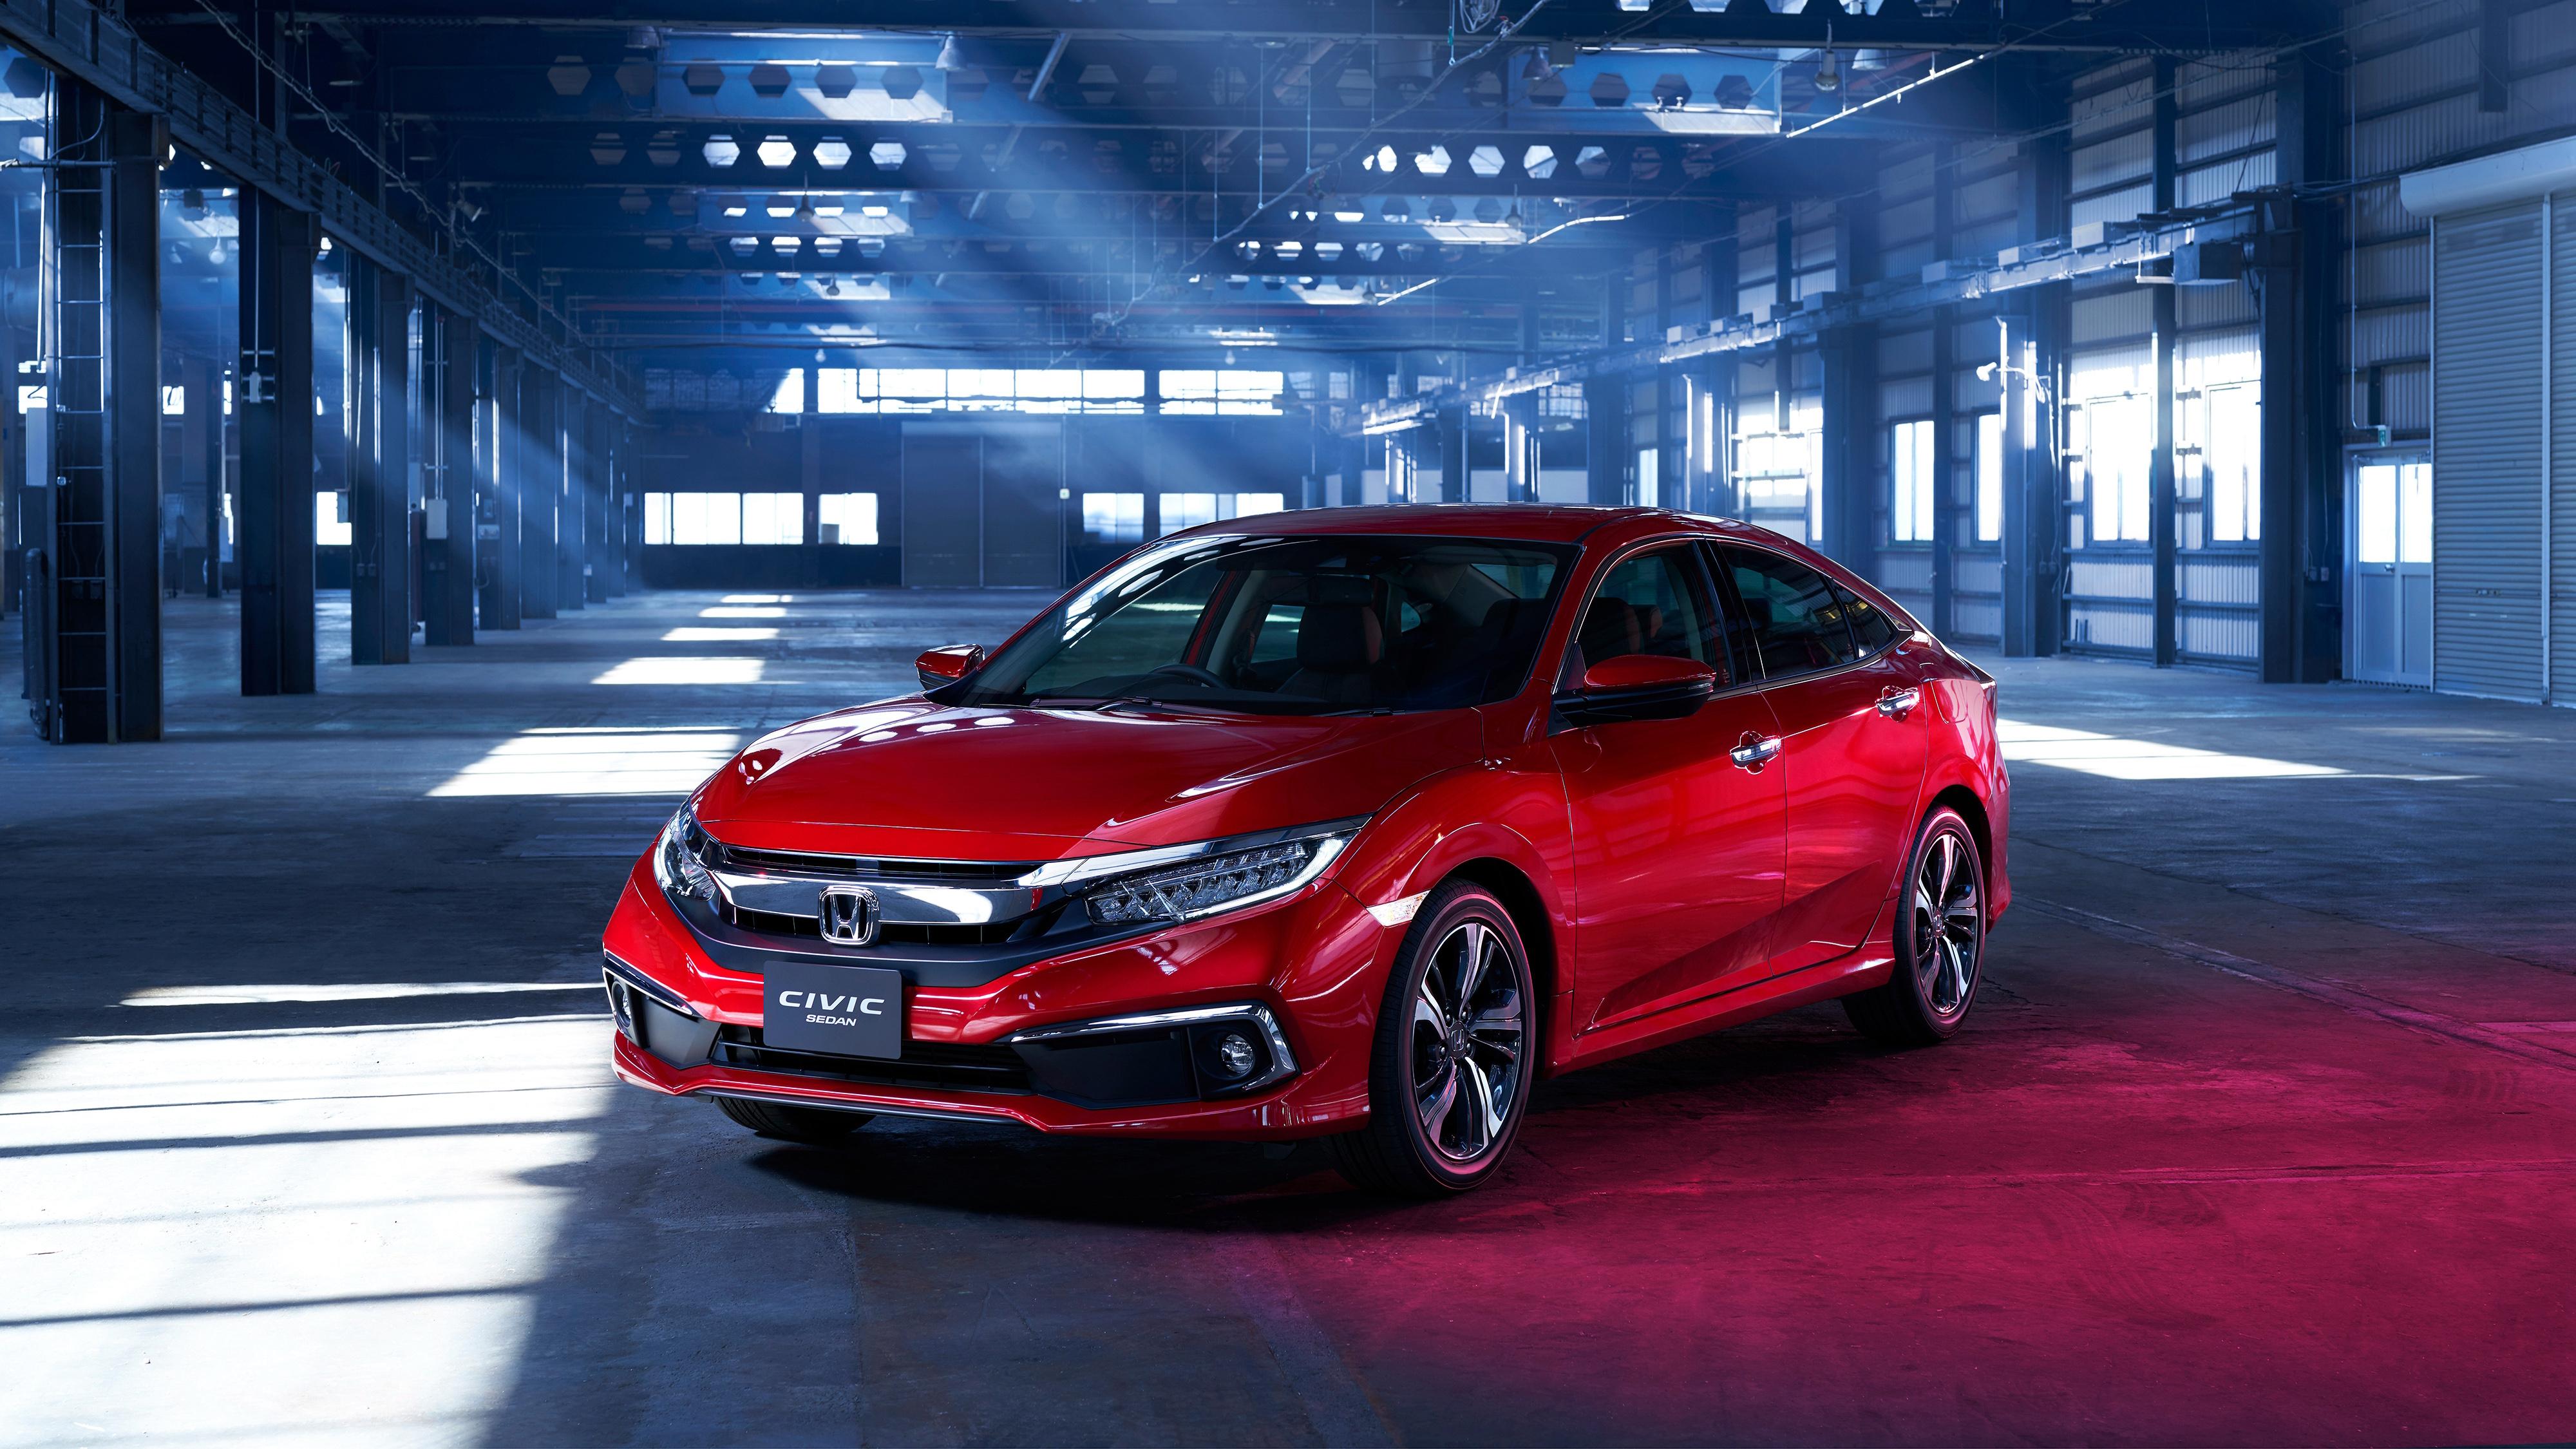 Kelebihan Kekurangan Honda Civic Sedan 2019 Top Model Tahun Ini